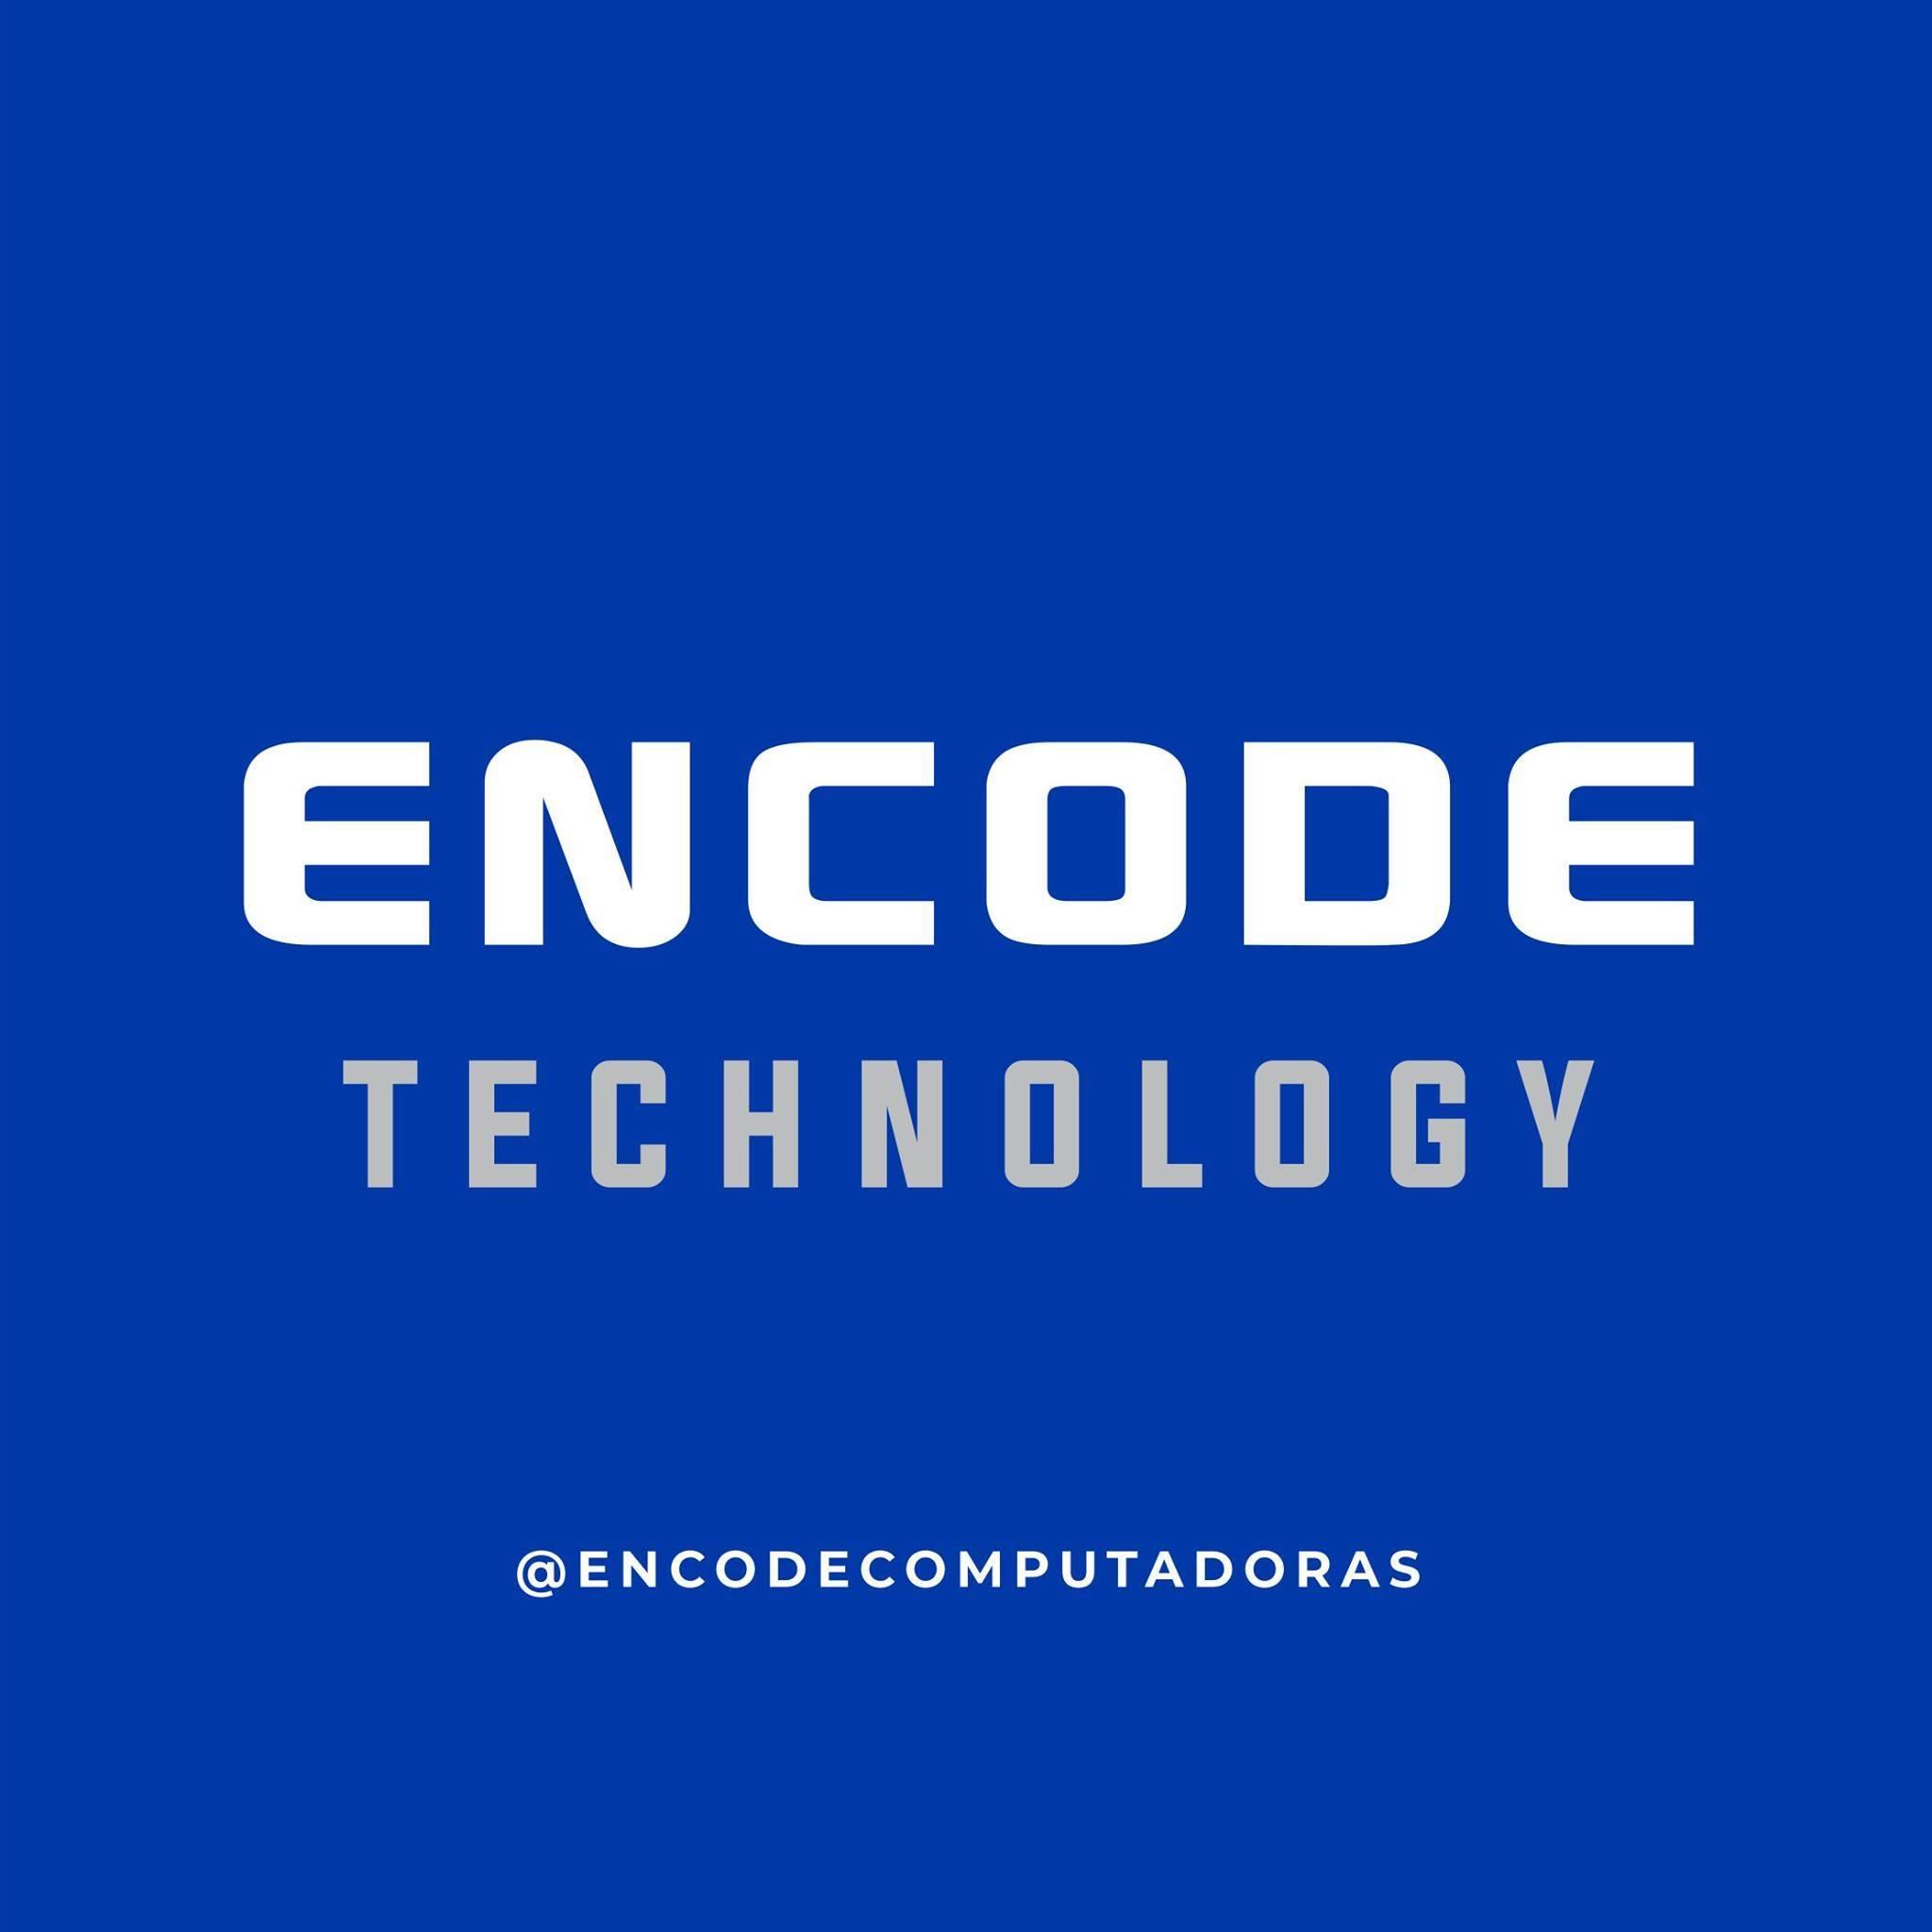 Computadoras Encode